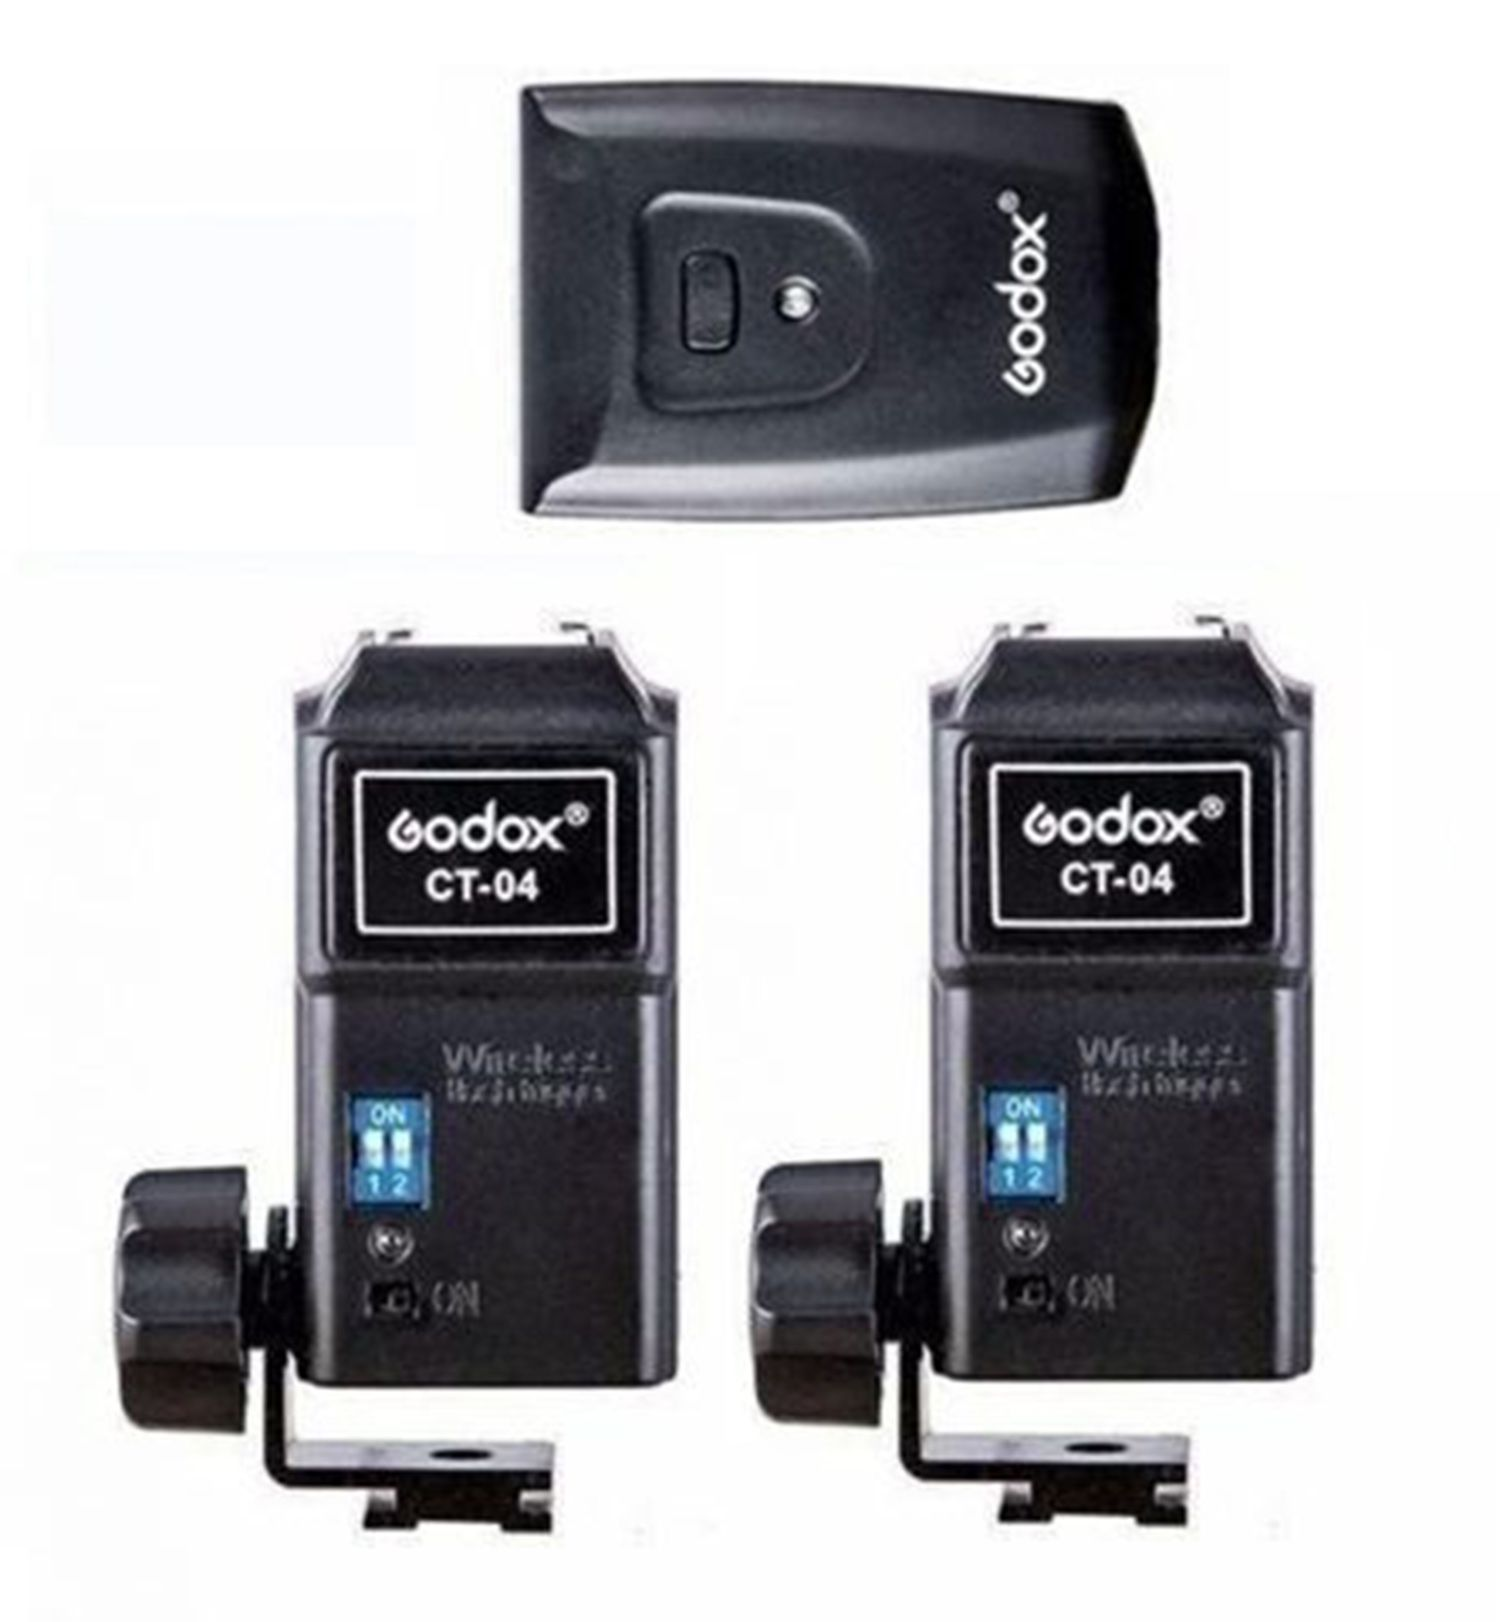 Rádio Flash Godox Ct-04 Canais Transmissor com 2 Receptor Estúdio